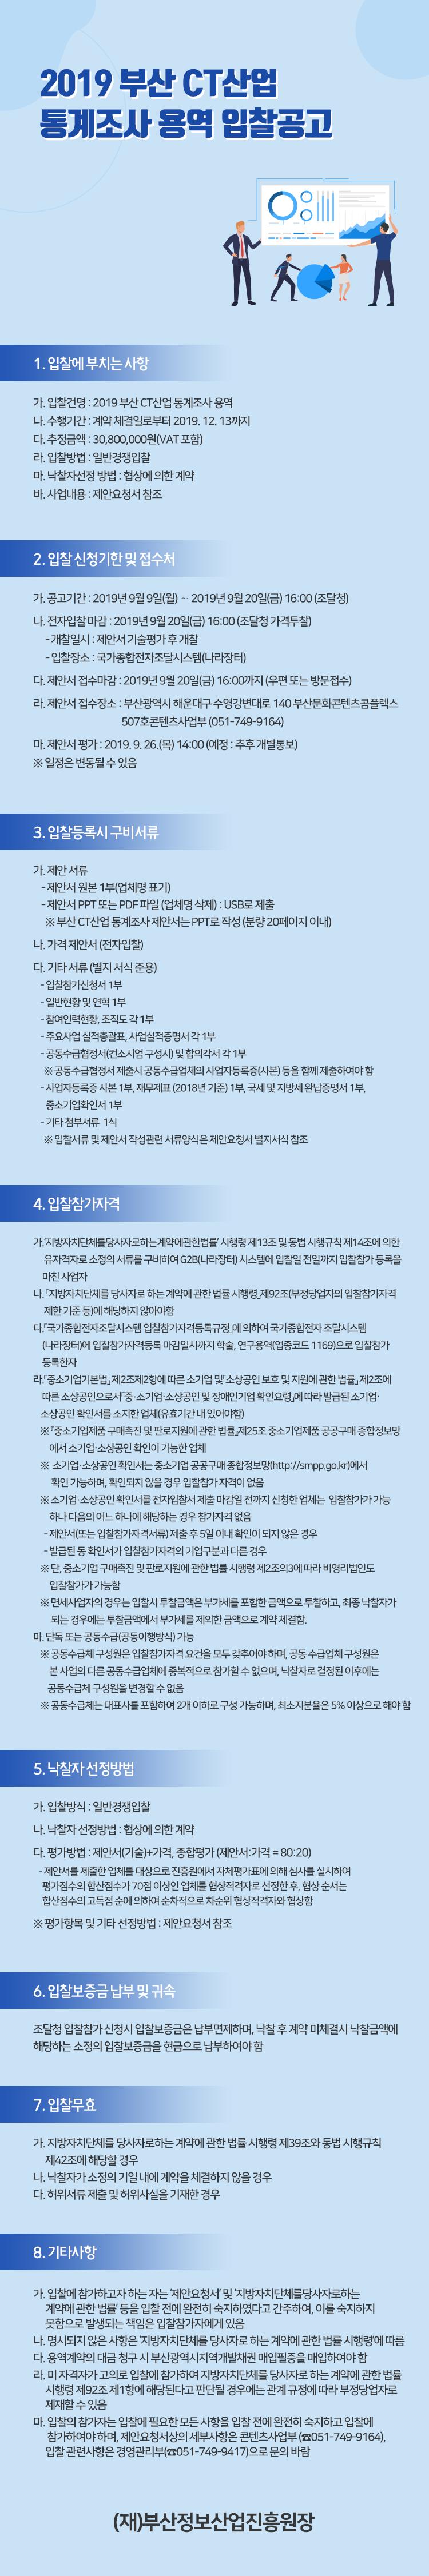 2019 부산 CT산업 통계조사 용역 입찰공고